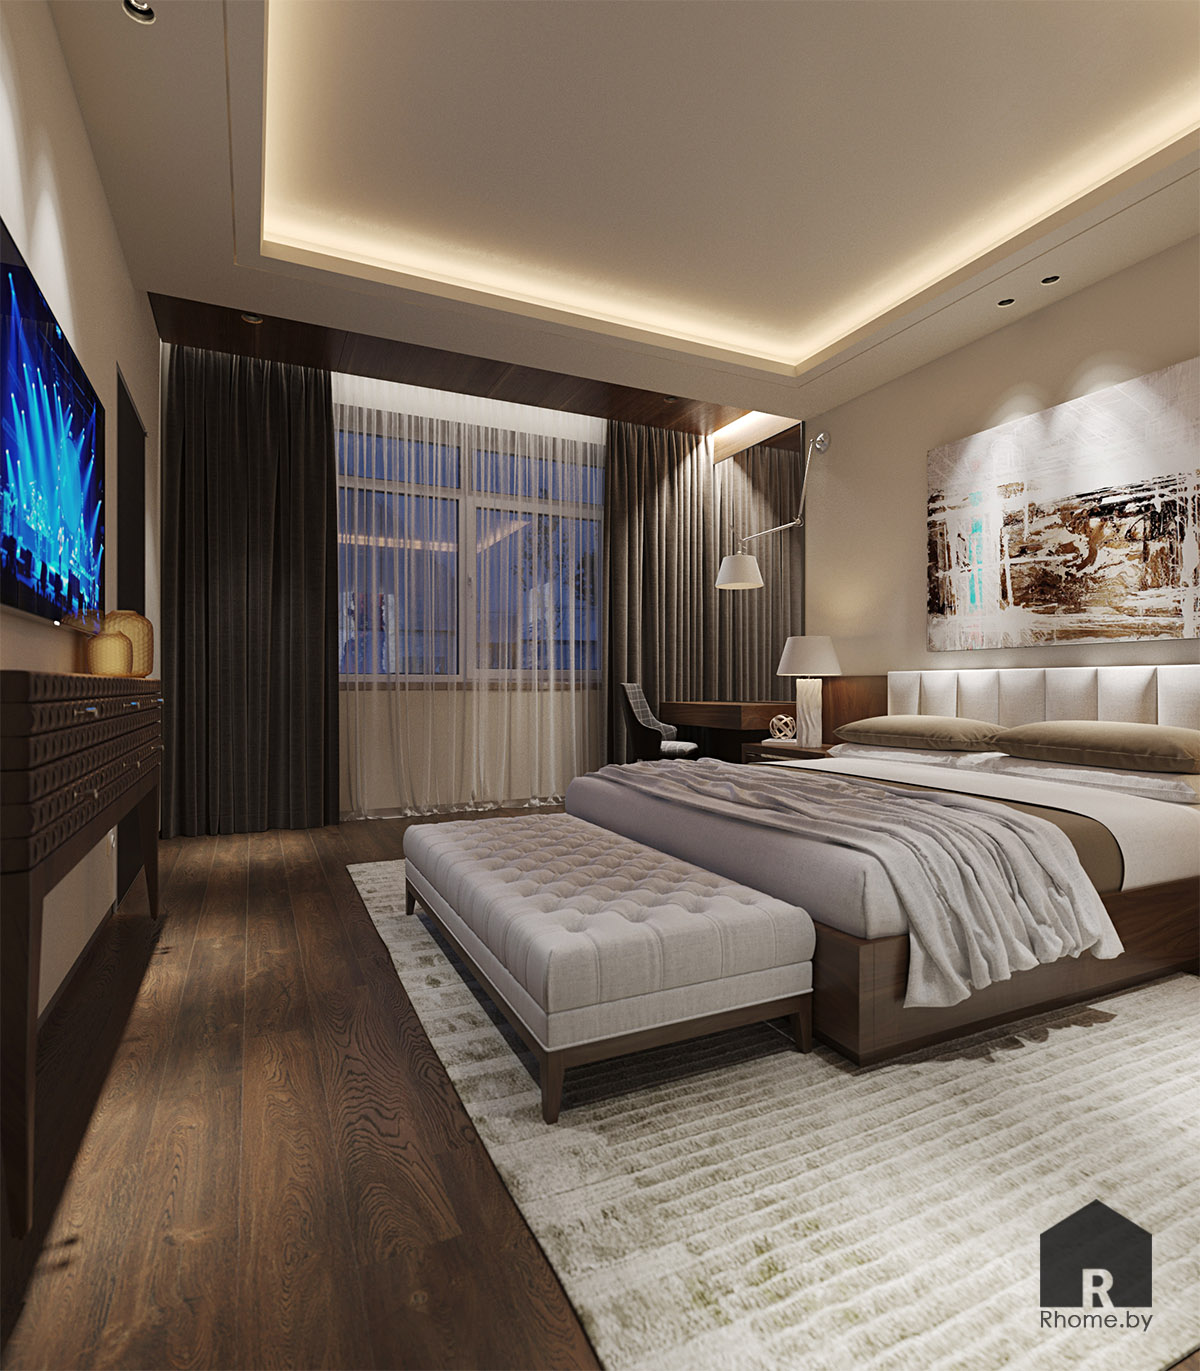 Дизайн интерьера спальни в Березовой роще | Дизайн студия – Rhome.by